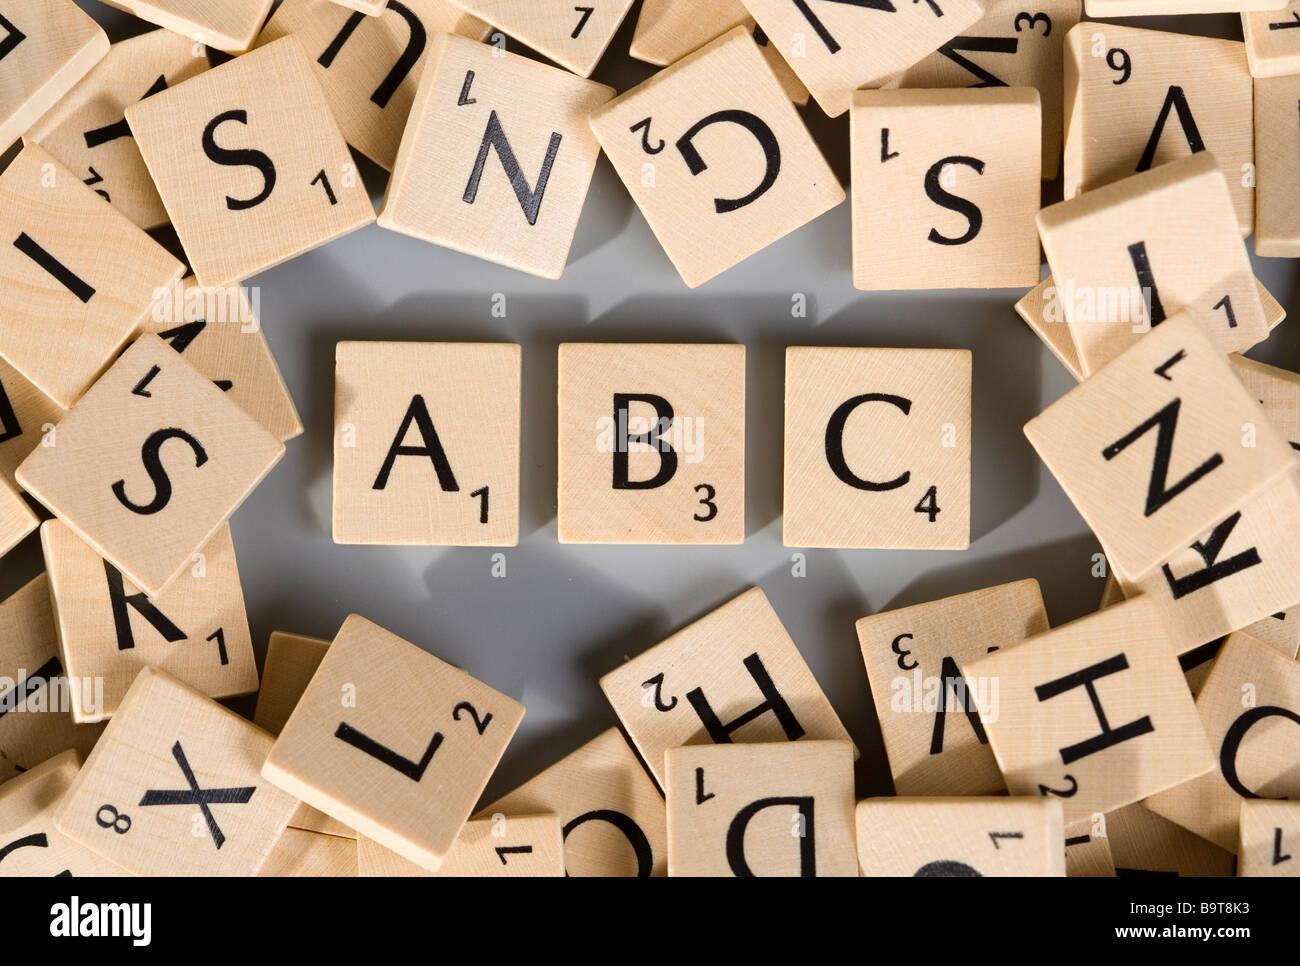 Scrabble-Stücke mit zahlreichen verschiedenen Buchstaben, ABC Stockbild